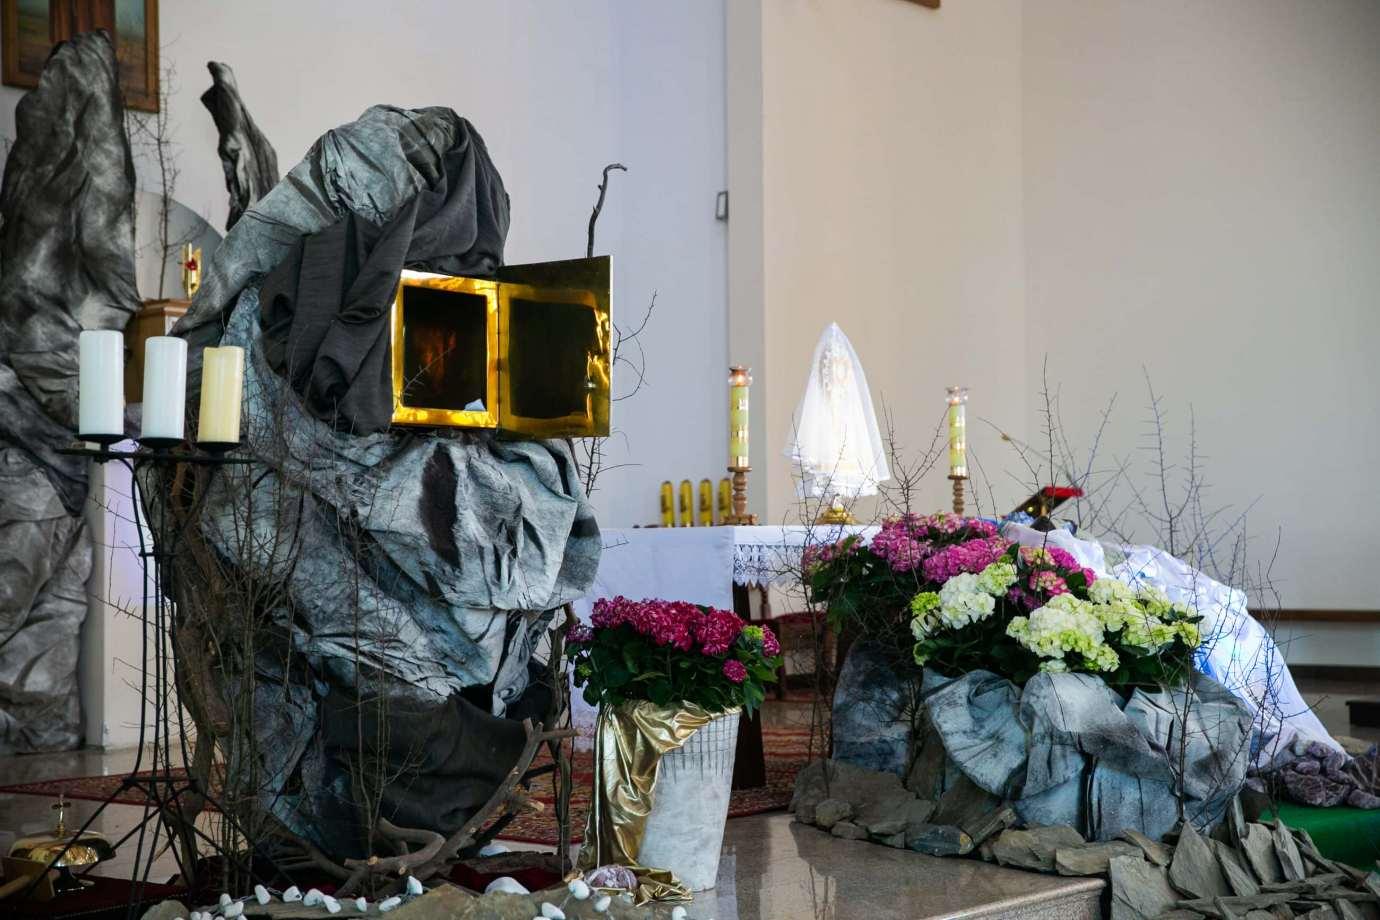 parafia pw swietego brata alberta w zamosciu 9 Zdjęcia grobów pańskich w zamojskich świątyniach